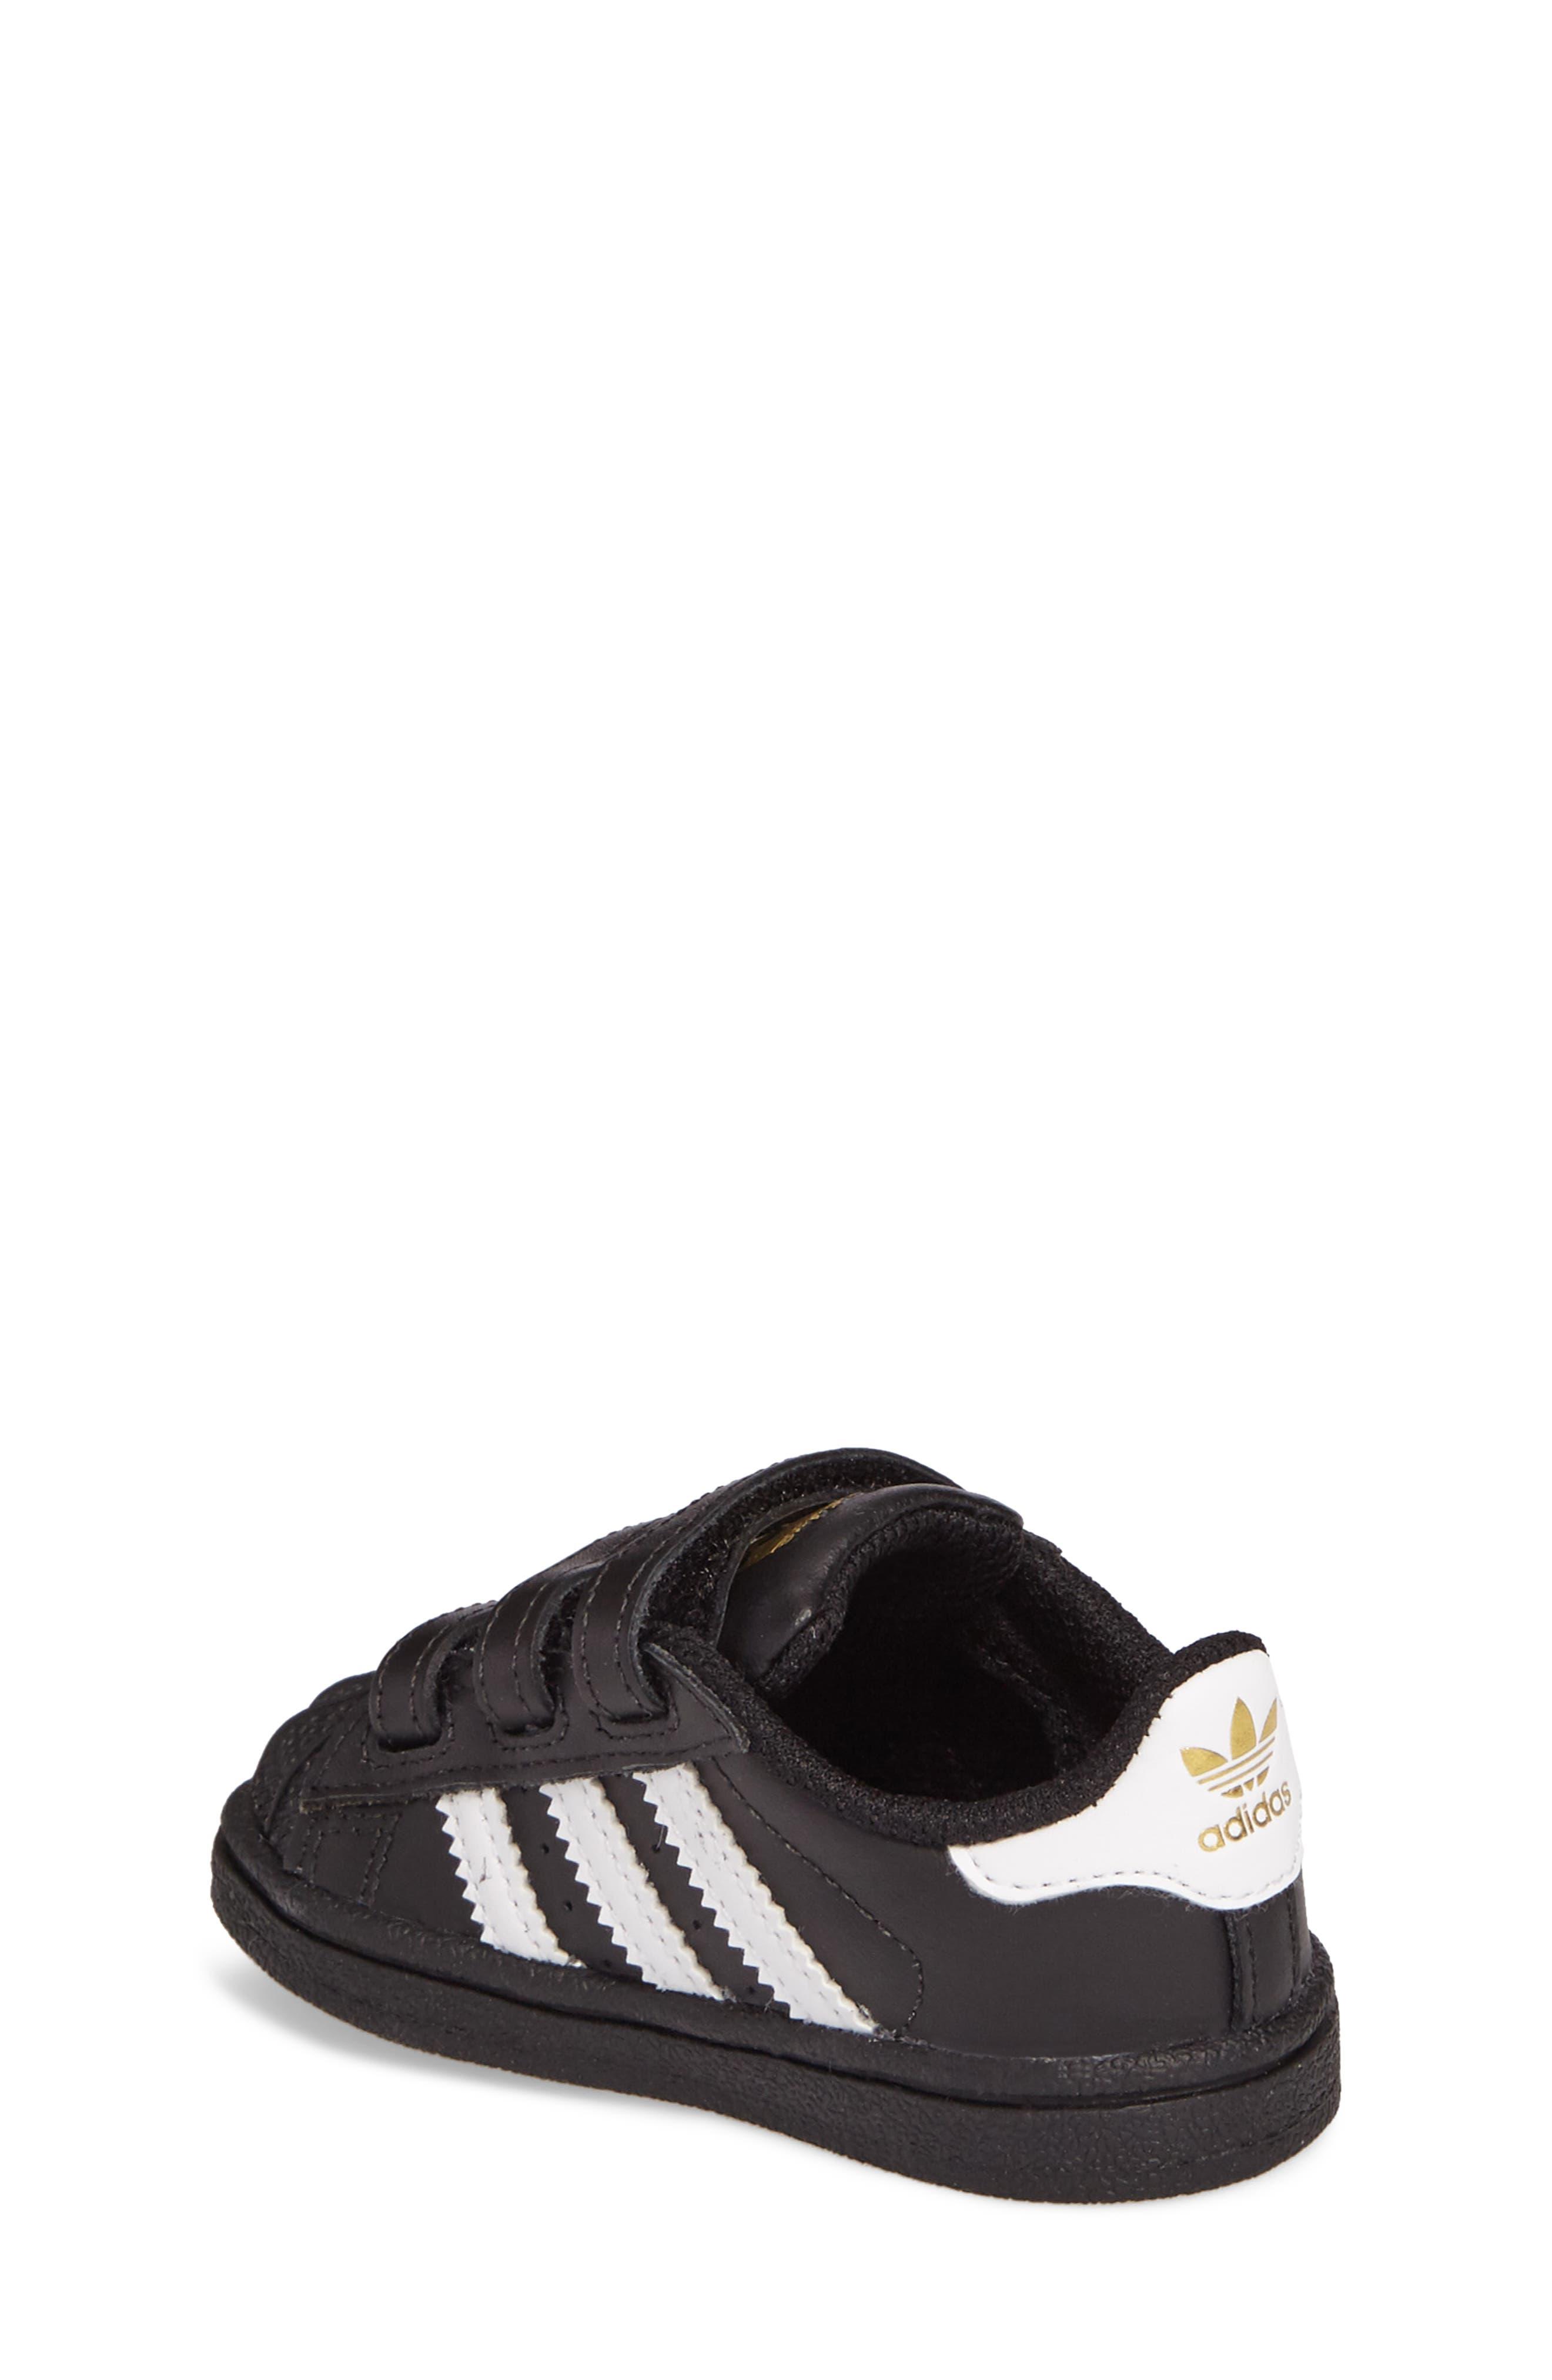 Superstar Sneaker,                             Alternate thumbnail 3, color,